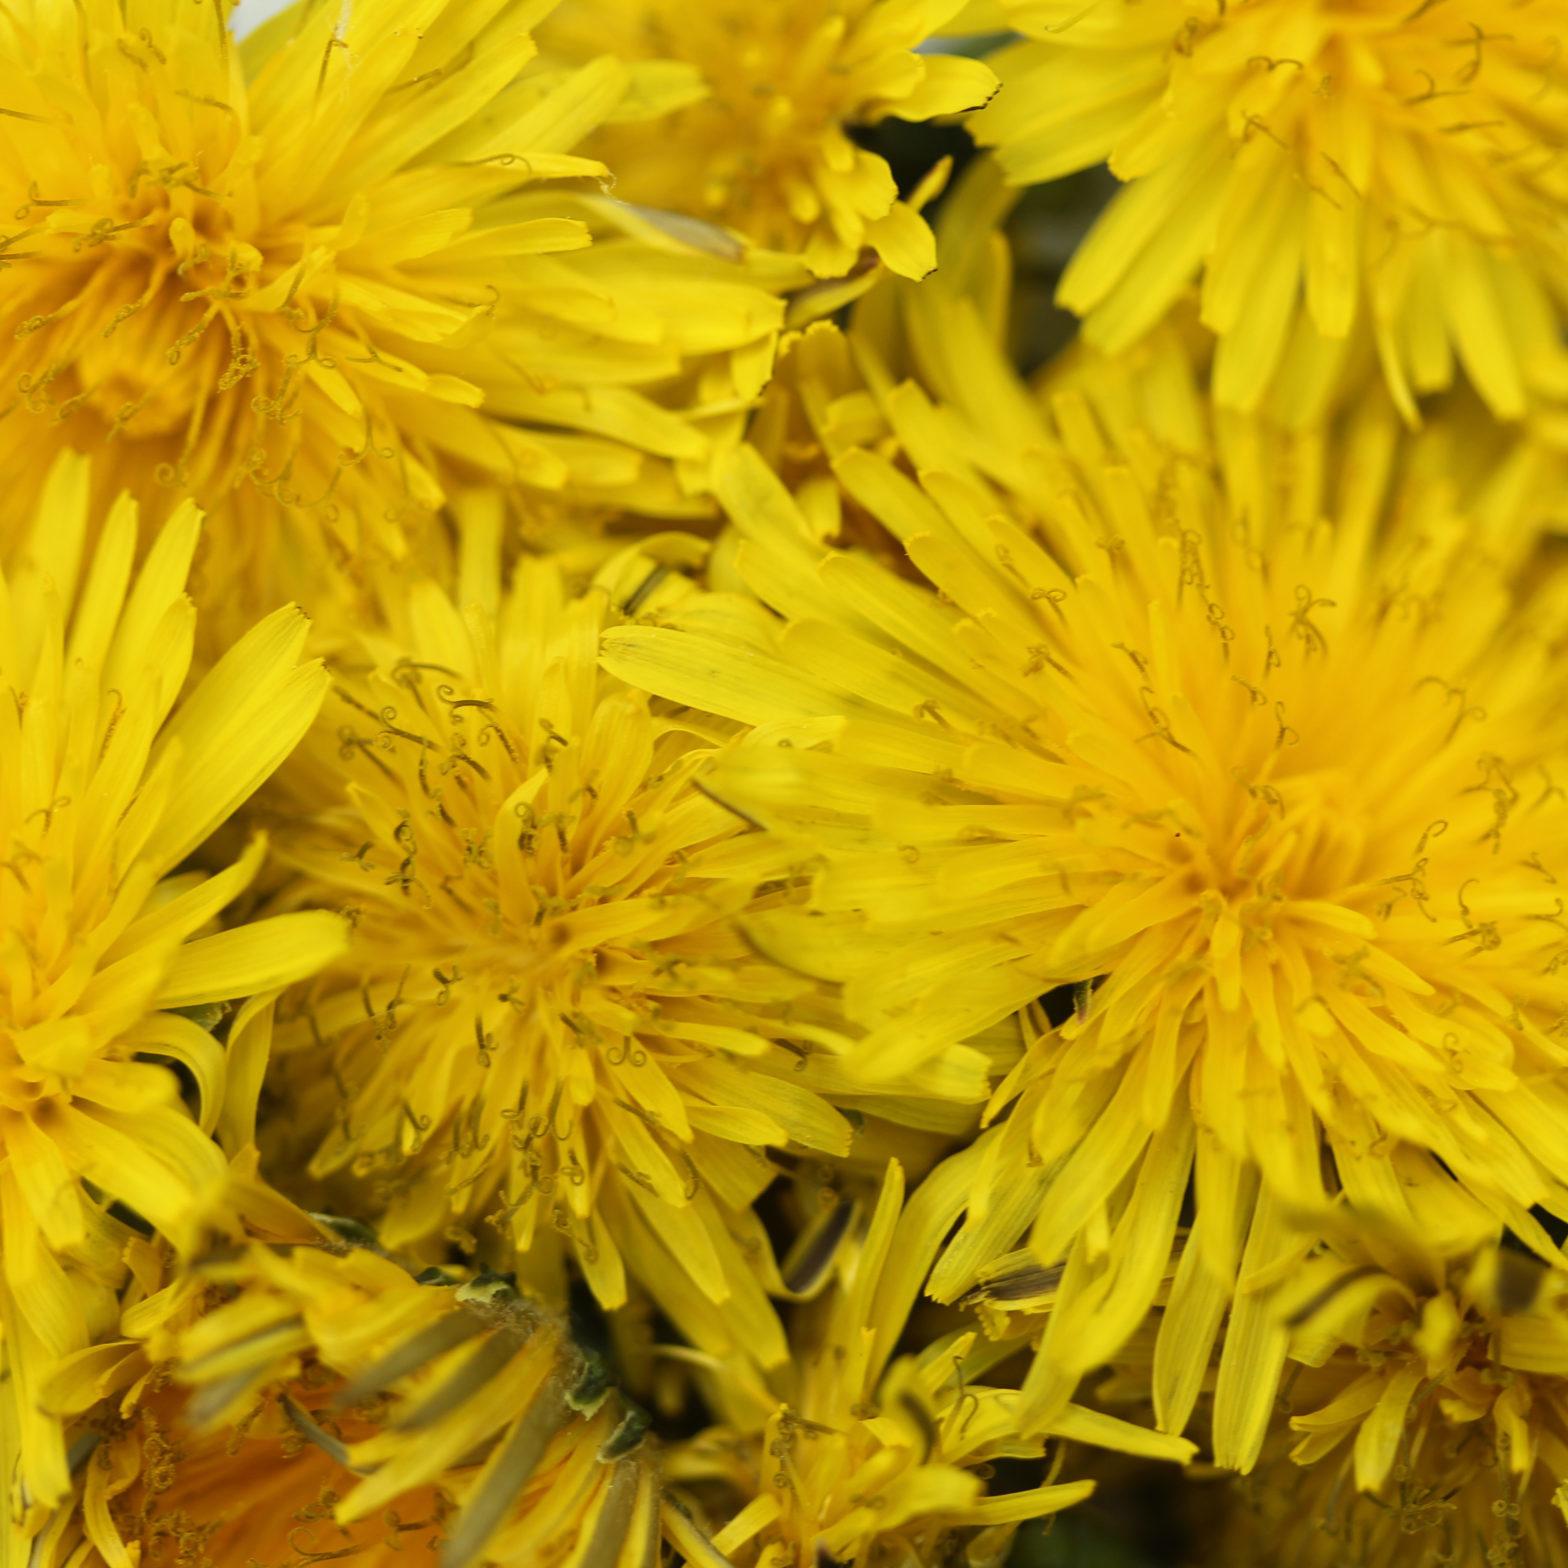 sacred-heart-of-herbalism-page-n2